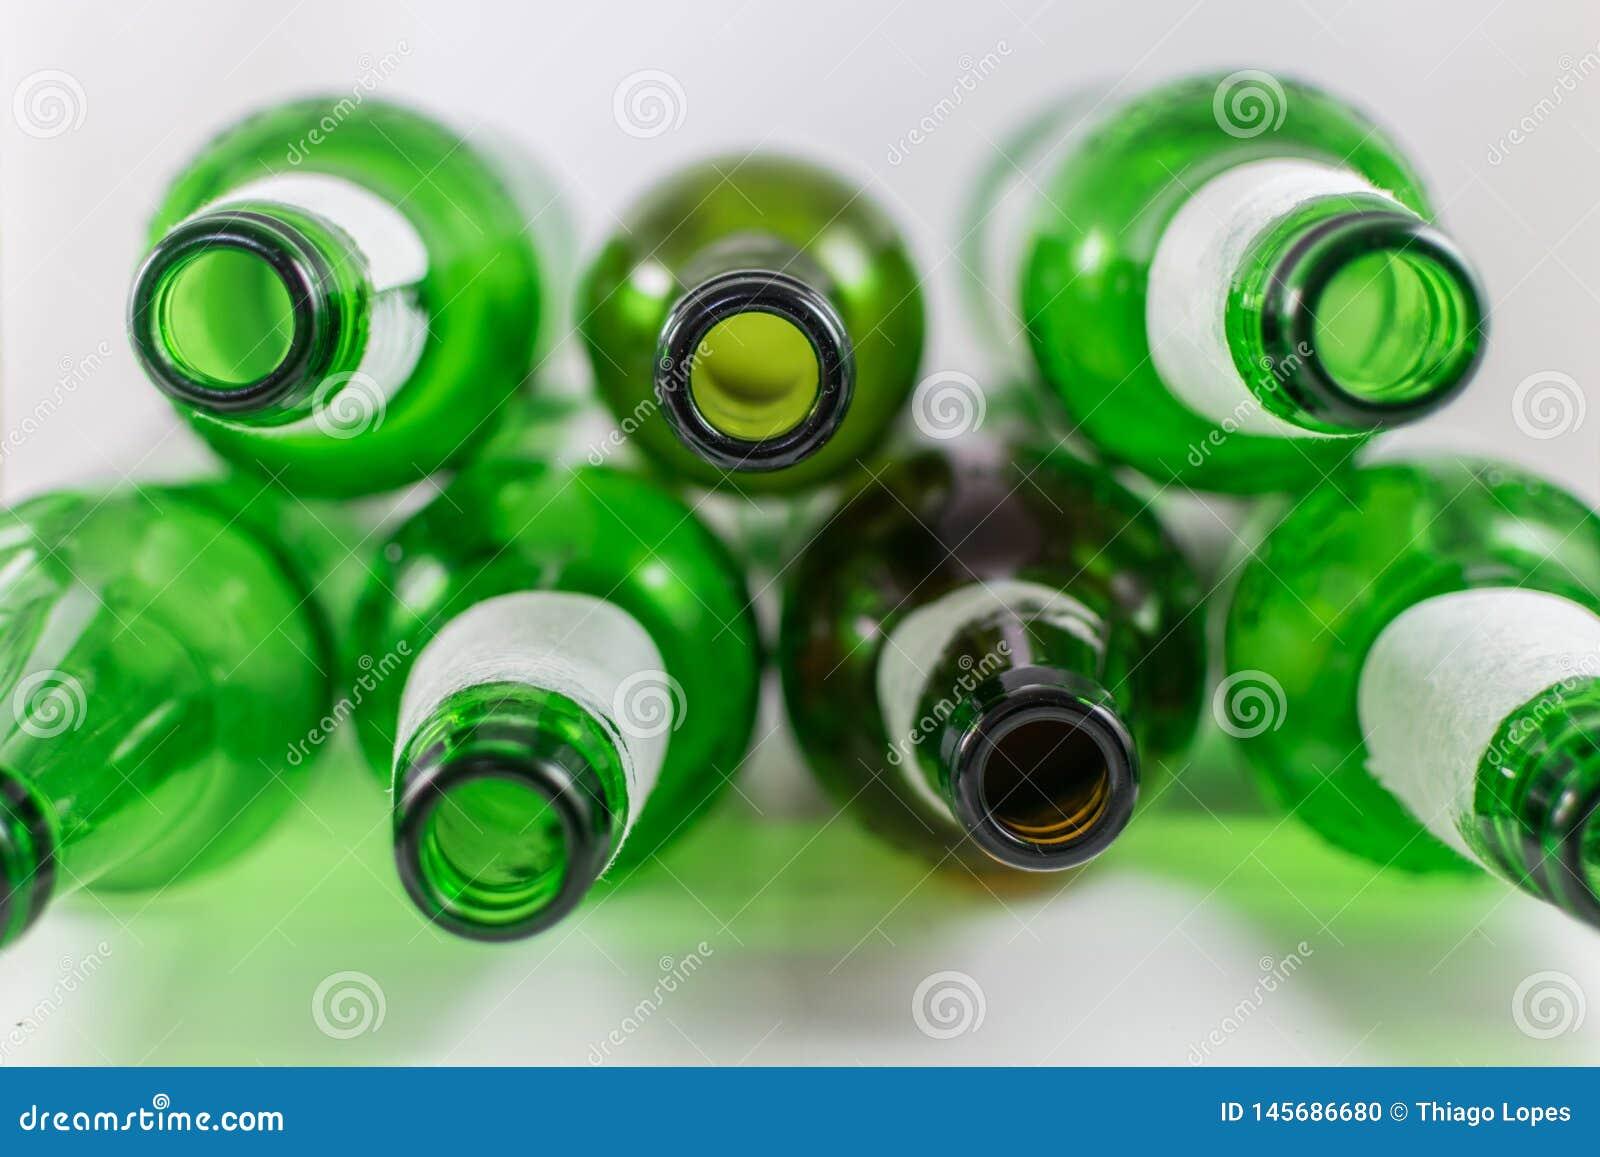 Hoogste mening van een pak lege bier en wijn groene en bruine glasflessen, met gescheurde etiketten op een witte achtergrond herg